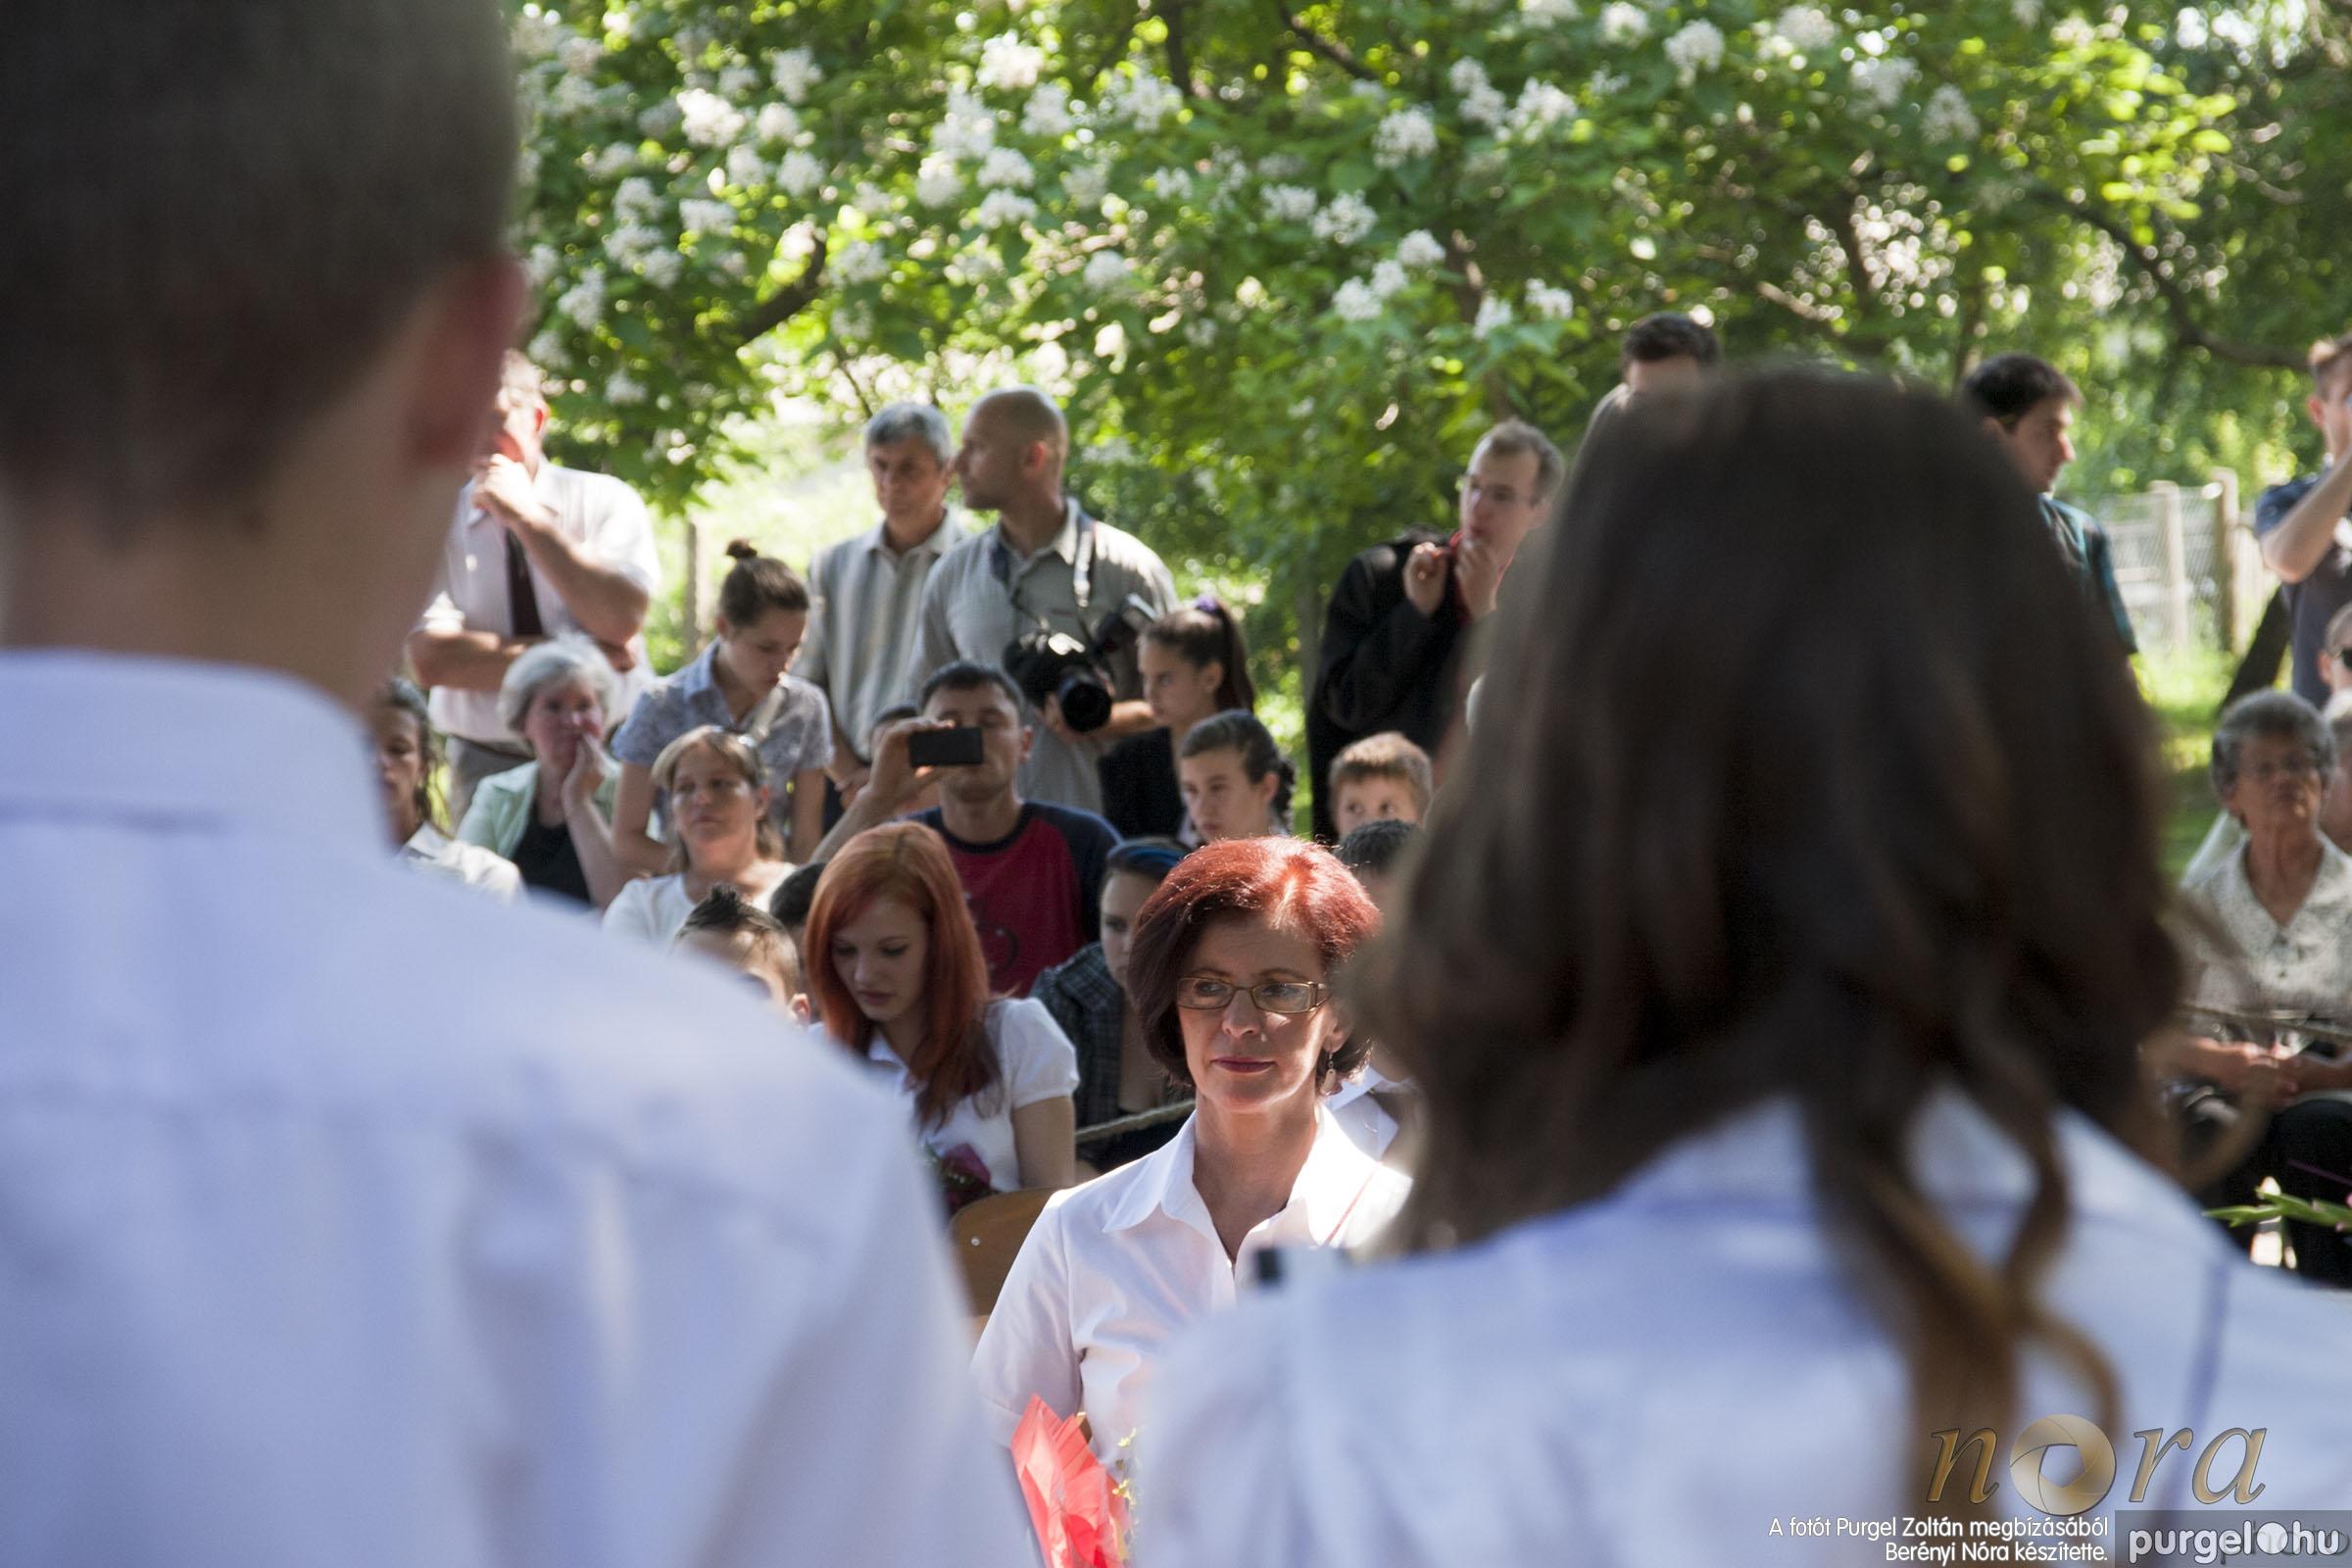 2013.06.15. 198 Forray Máté Általános Iskola ballagás 2013. - Fotó:BERÉNYI NÓRA© _MG_1222.JPG